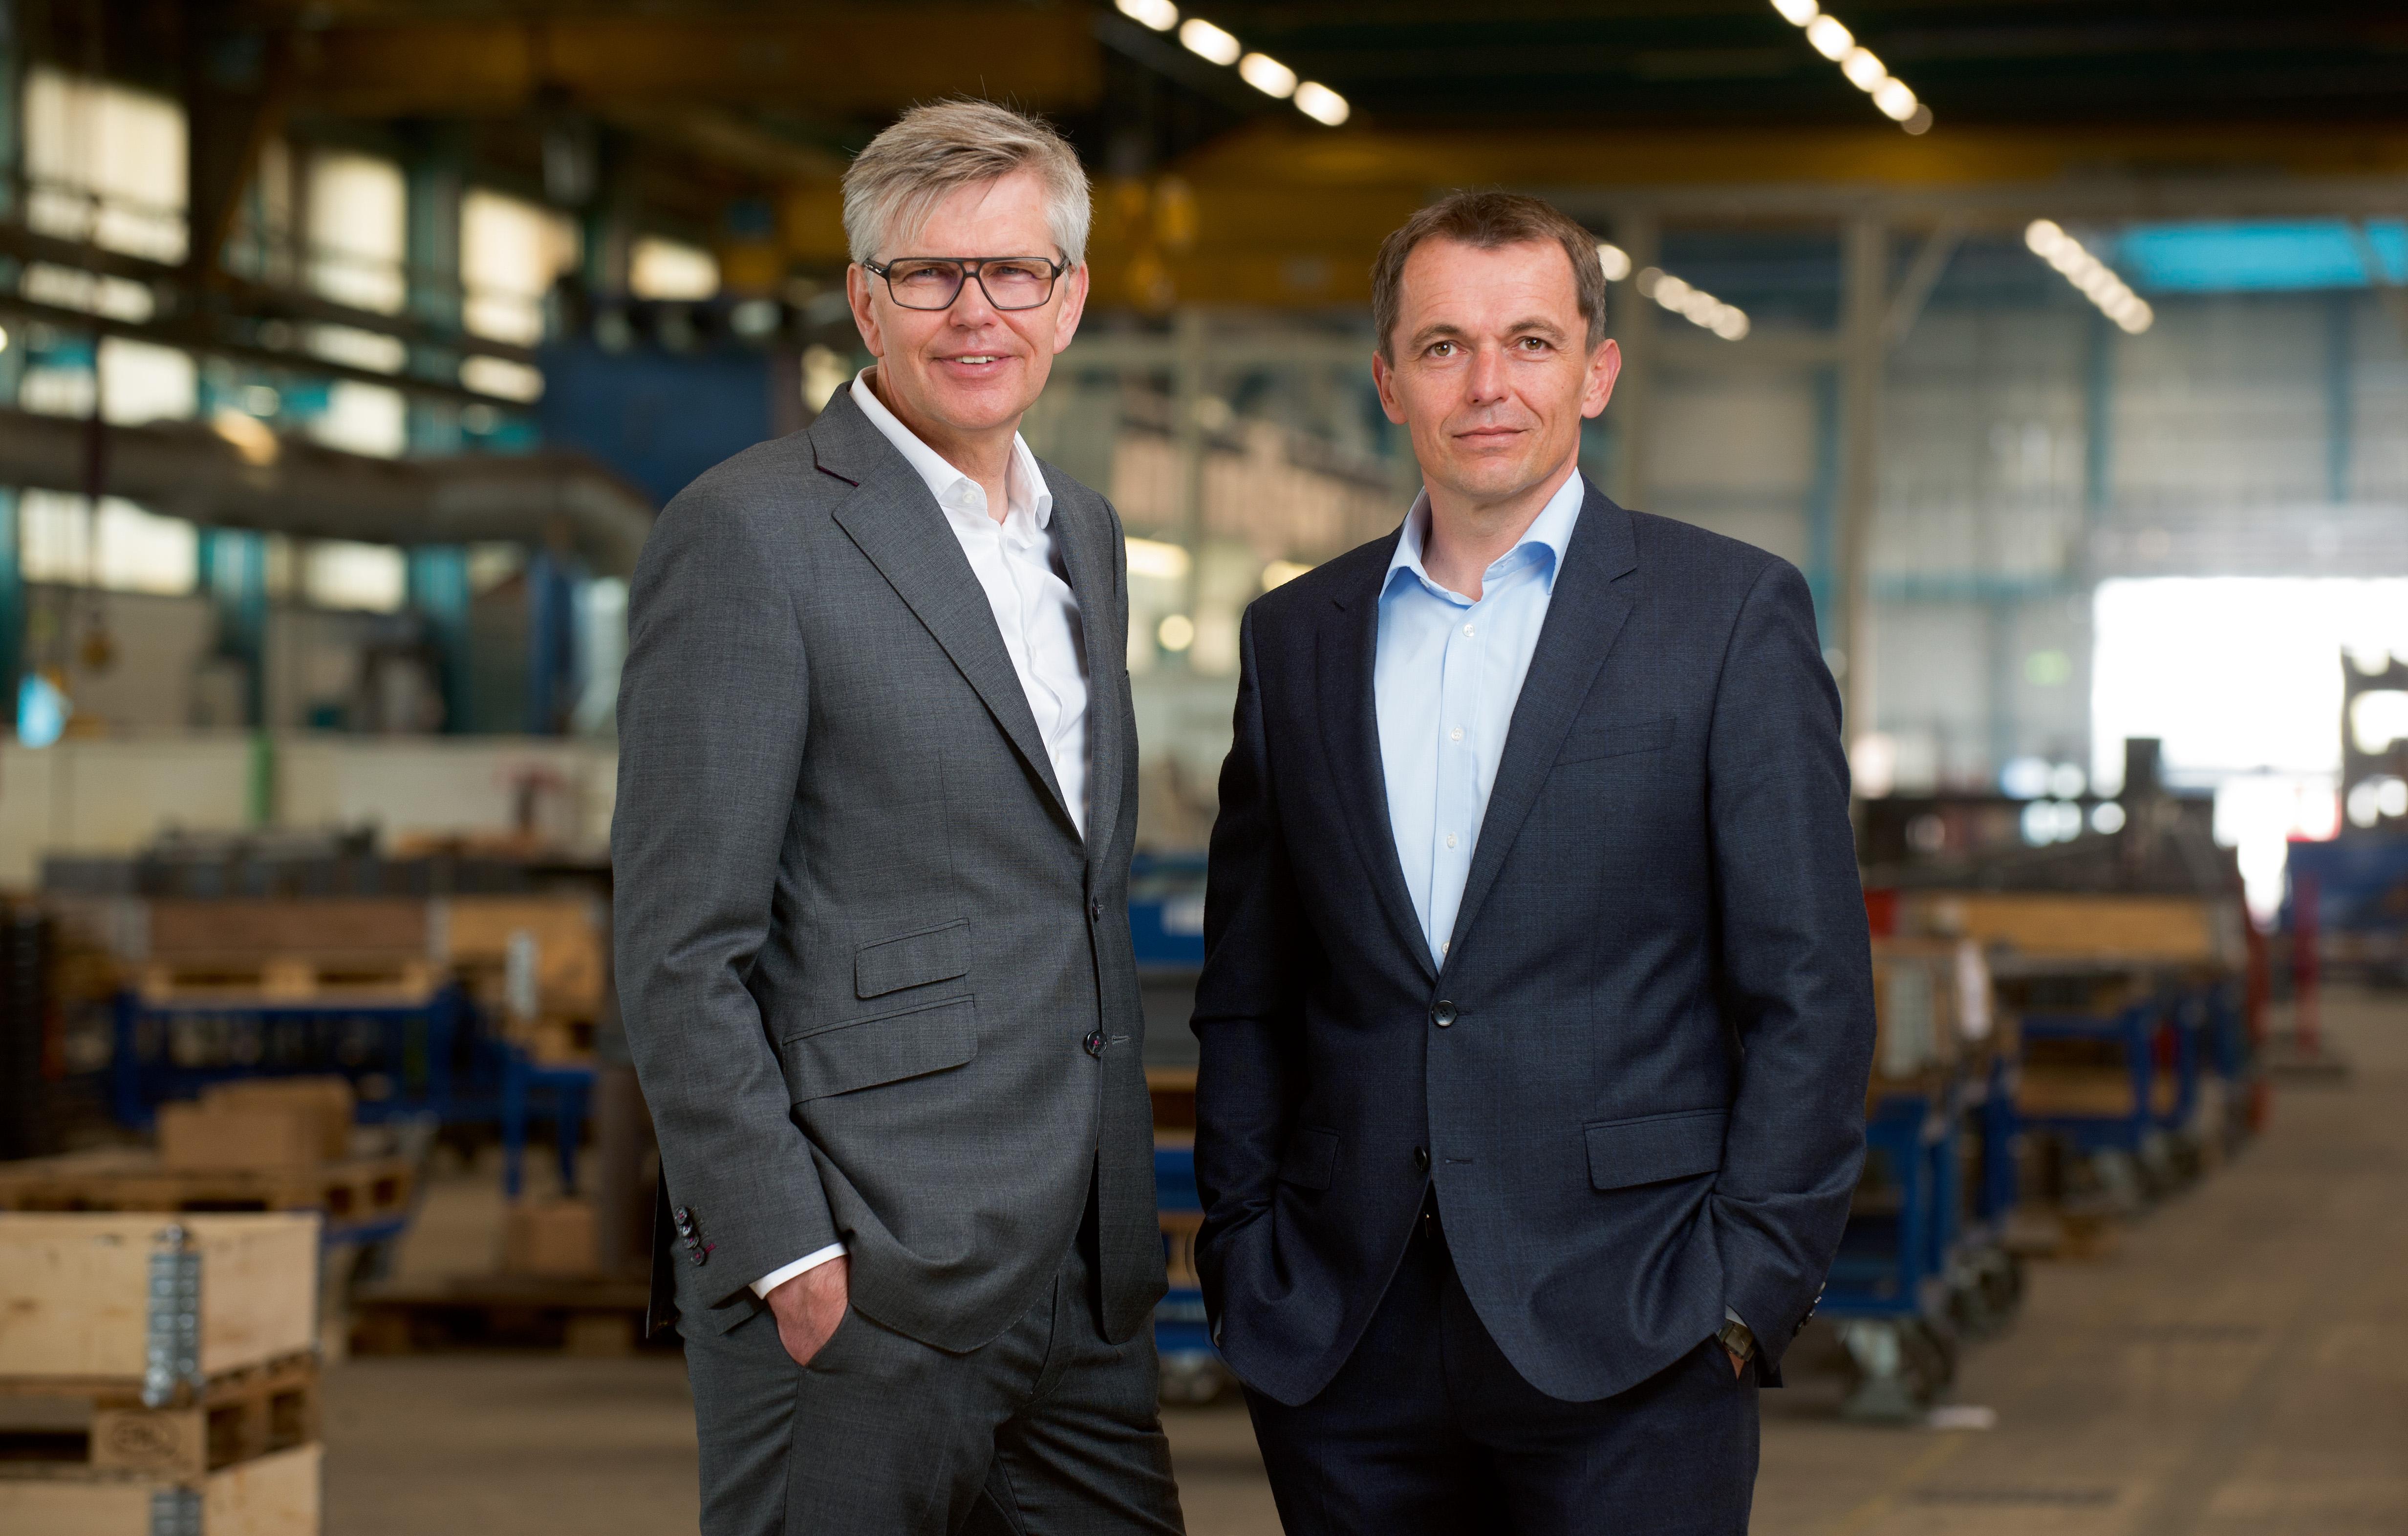 Ihnen__DSC8364 thomas und willm.jpg – Stahl- und Metallbau Ihnen GmbH & Co. KG